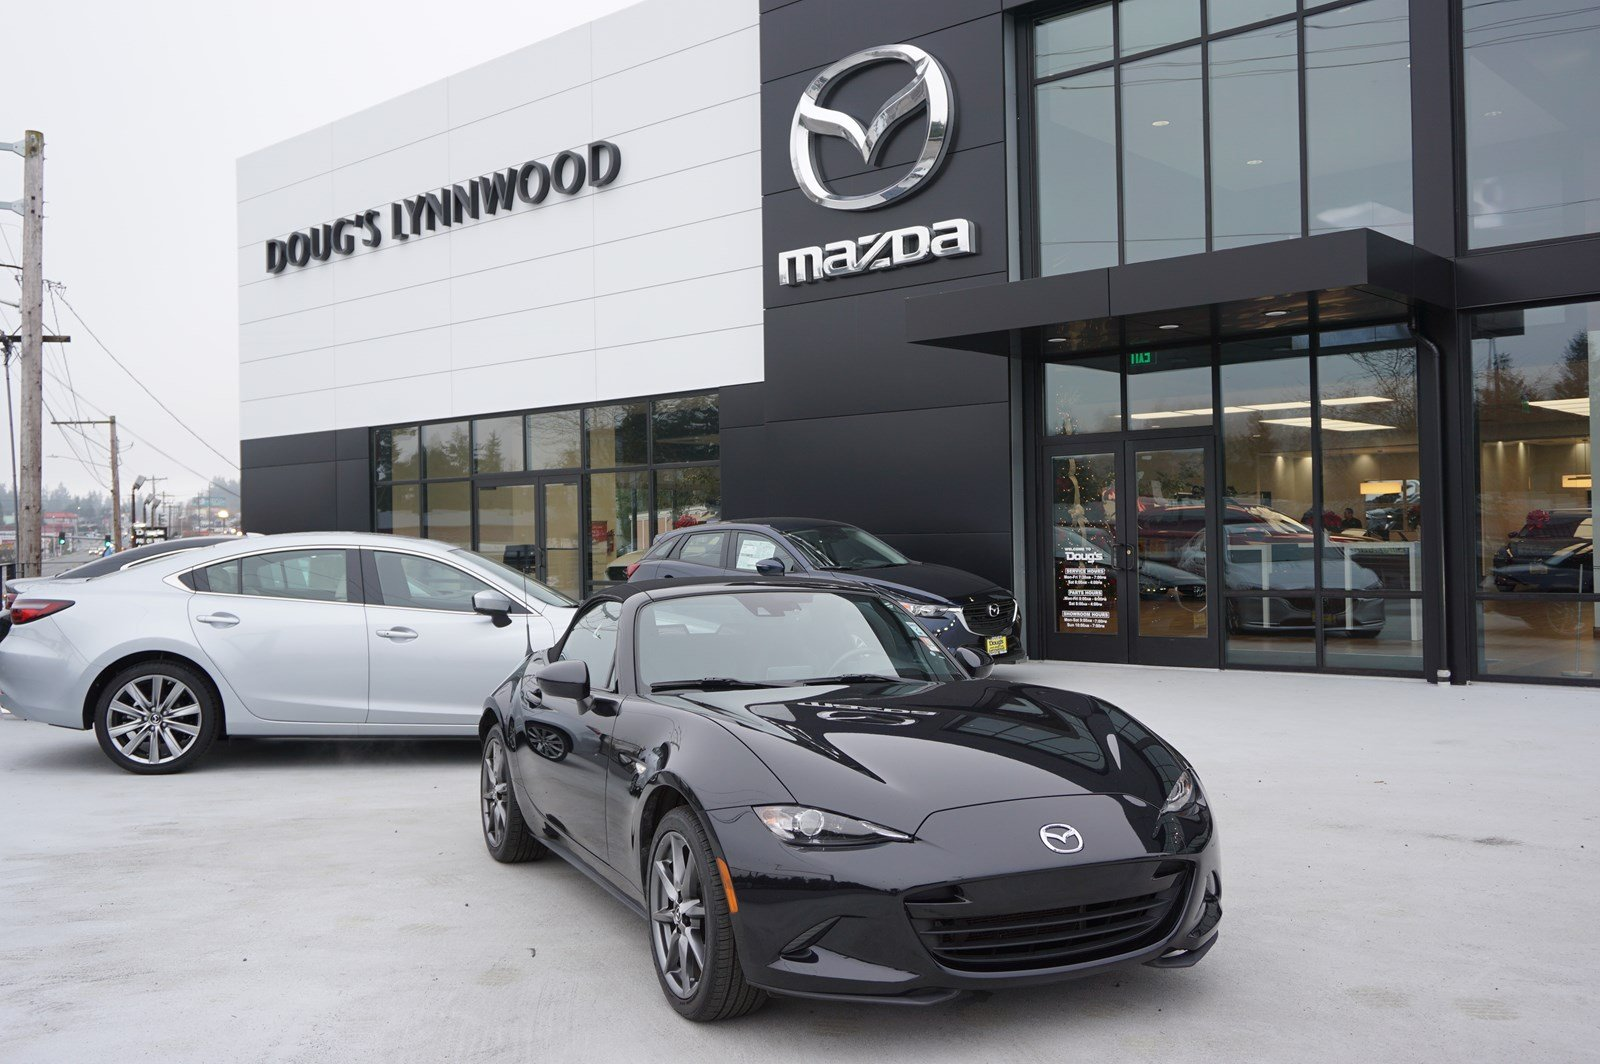 2016 Mazda Mazda MX-5 Miata Grand Touring Convertible